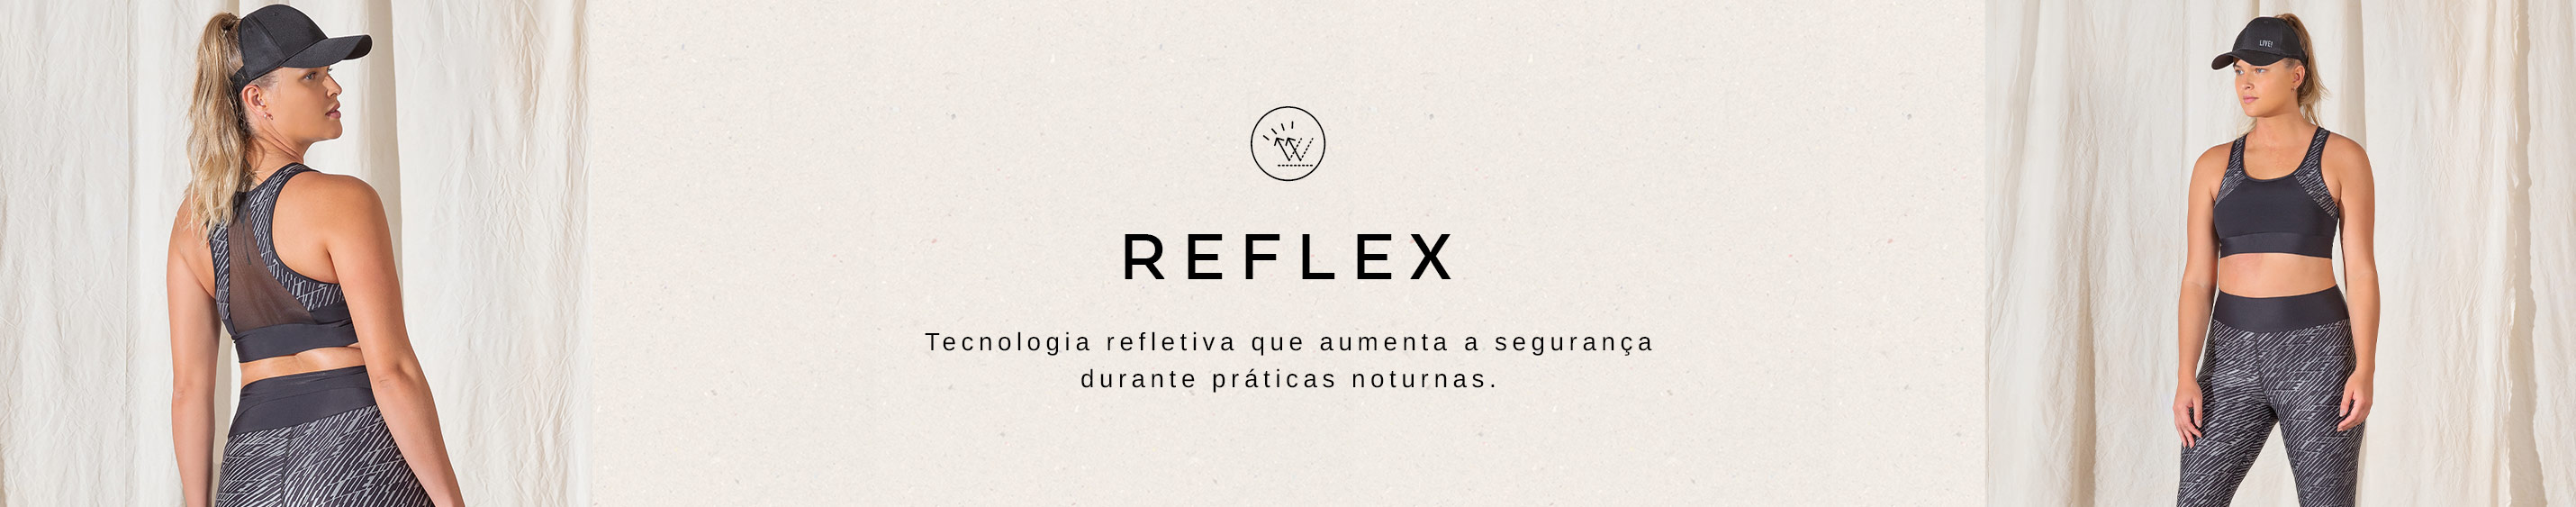 banner_reflex